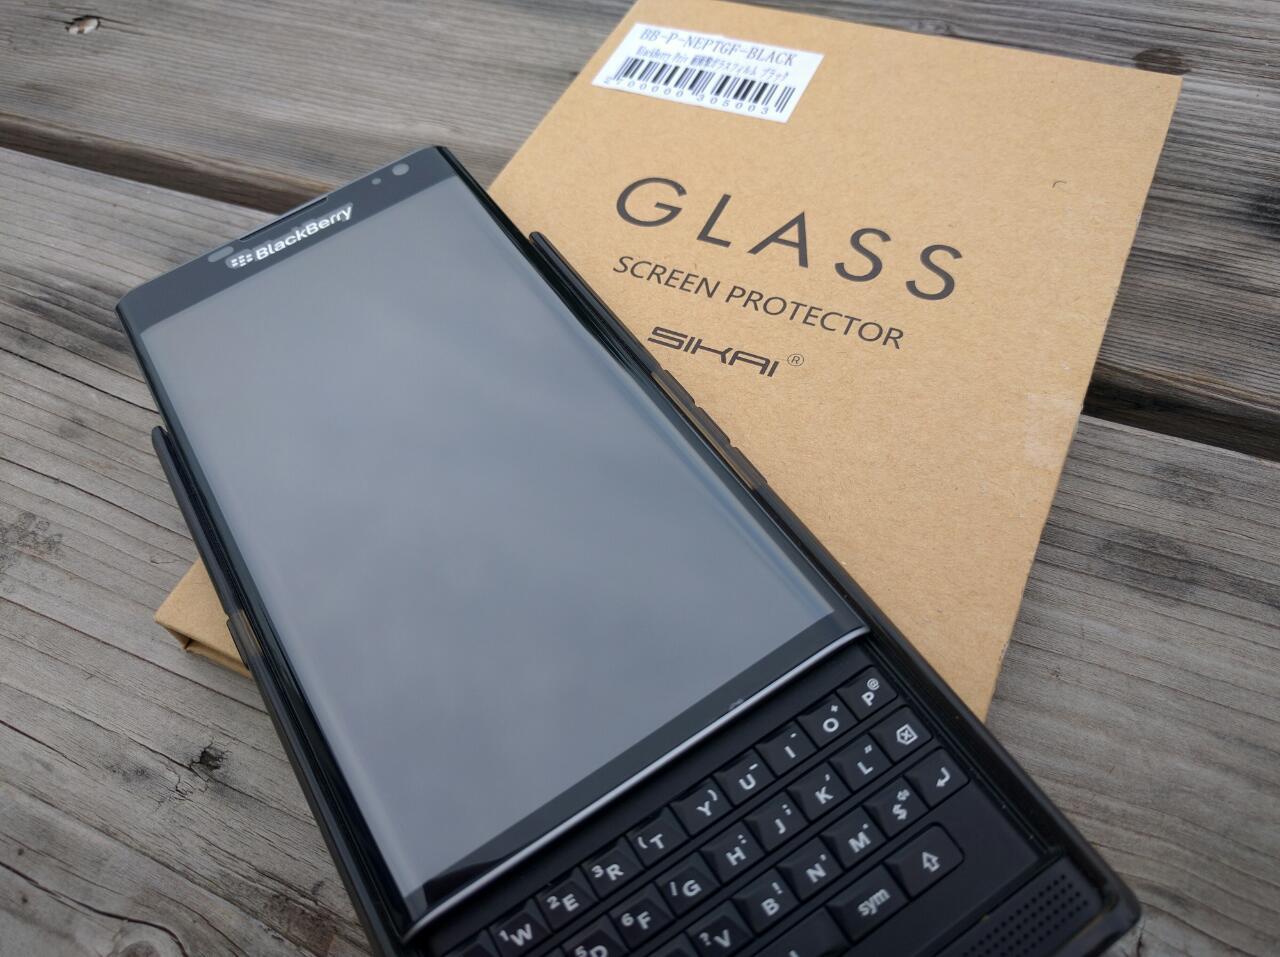 「BlackBerry Priv」のカーブディスプレイまでしっかりカバーできる「SIKAI耐衝撃ガラスフィルム」レビュー